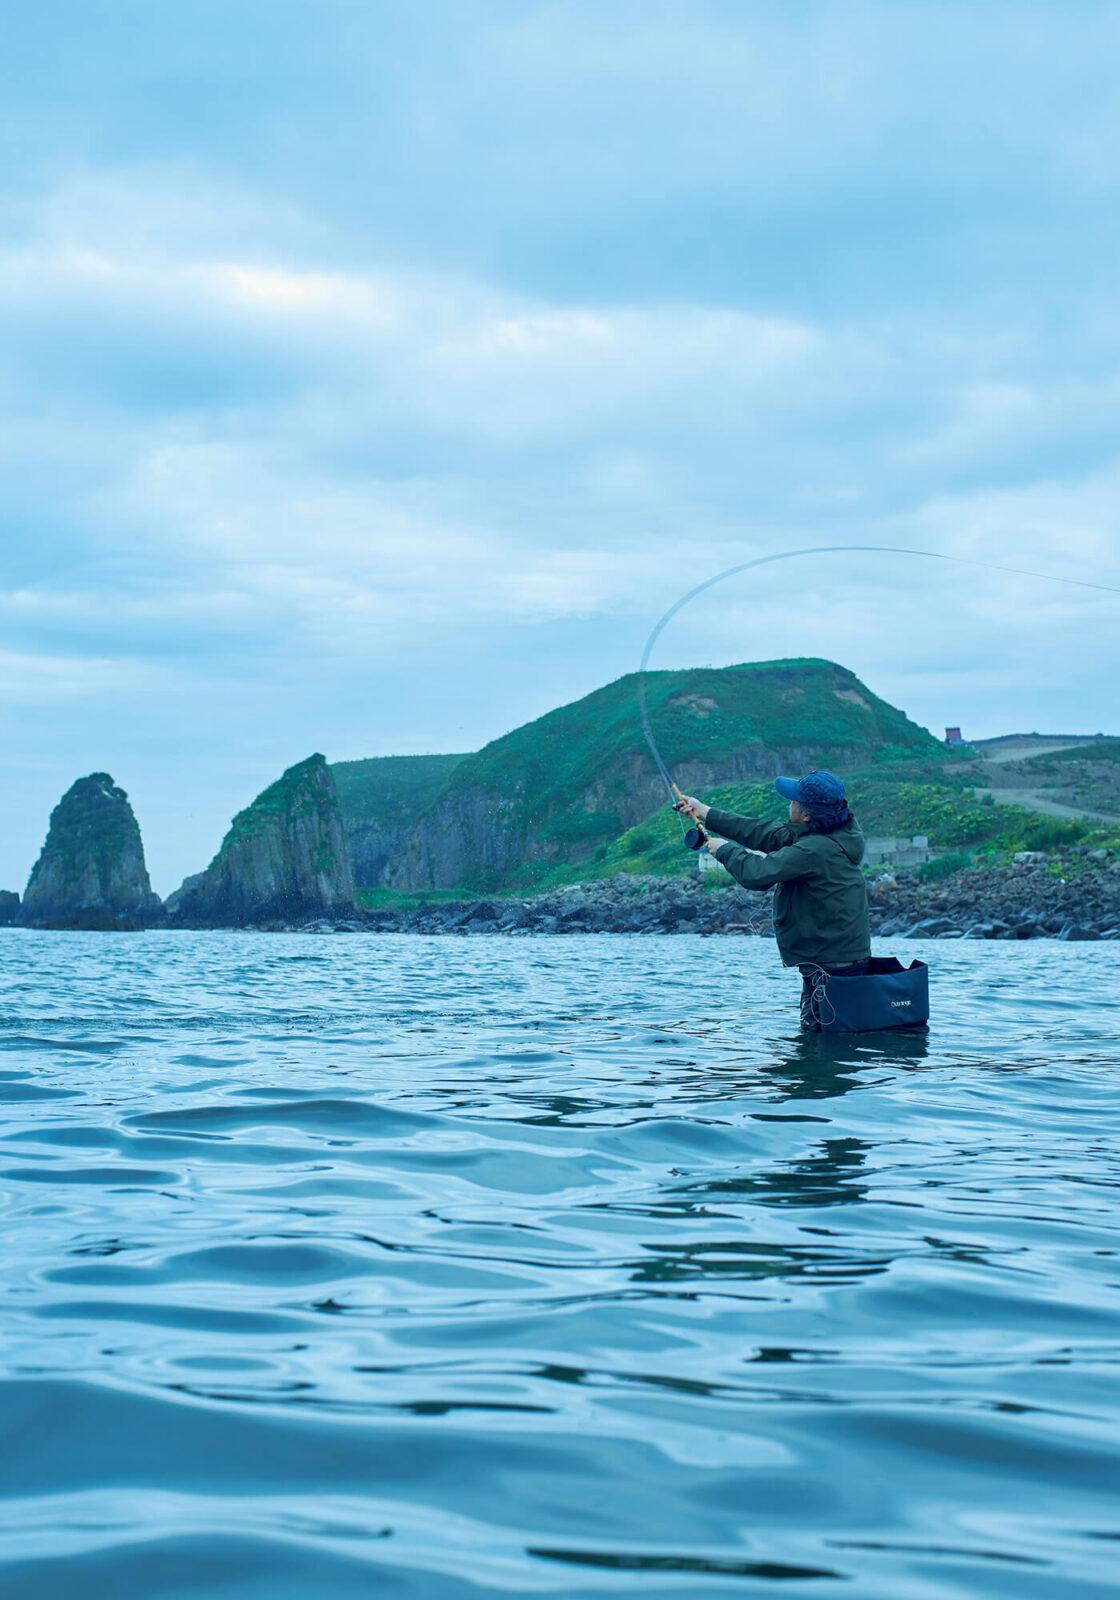 早朝5時。高度な技術が必要なフライフィッシングでの海釣りを見せてもらう。潮目に魚がいるので慎重にポイントを探る。根室ではサケやカラフトマス、アメマスなどが釣れる。